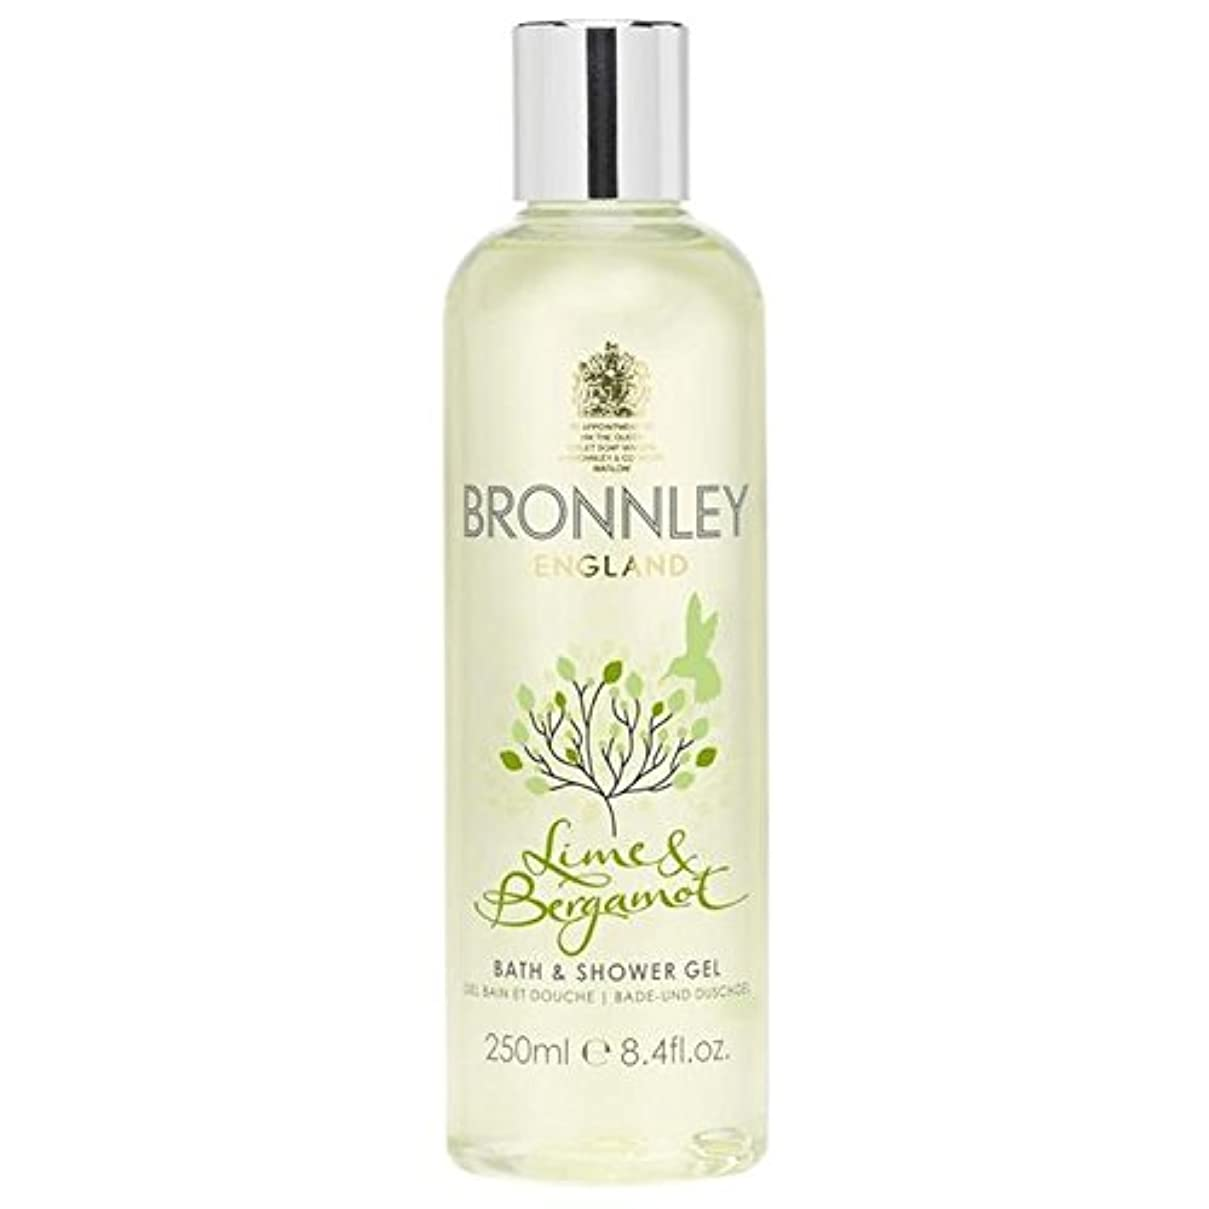 ダースダム障害ライム&ベルガモットバス&シャワージェル250ミリリットル x4 - Bronnley Lime & Bergamot Bath & Shower Gel 250ml (Pack of 4) [並行輸入品]